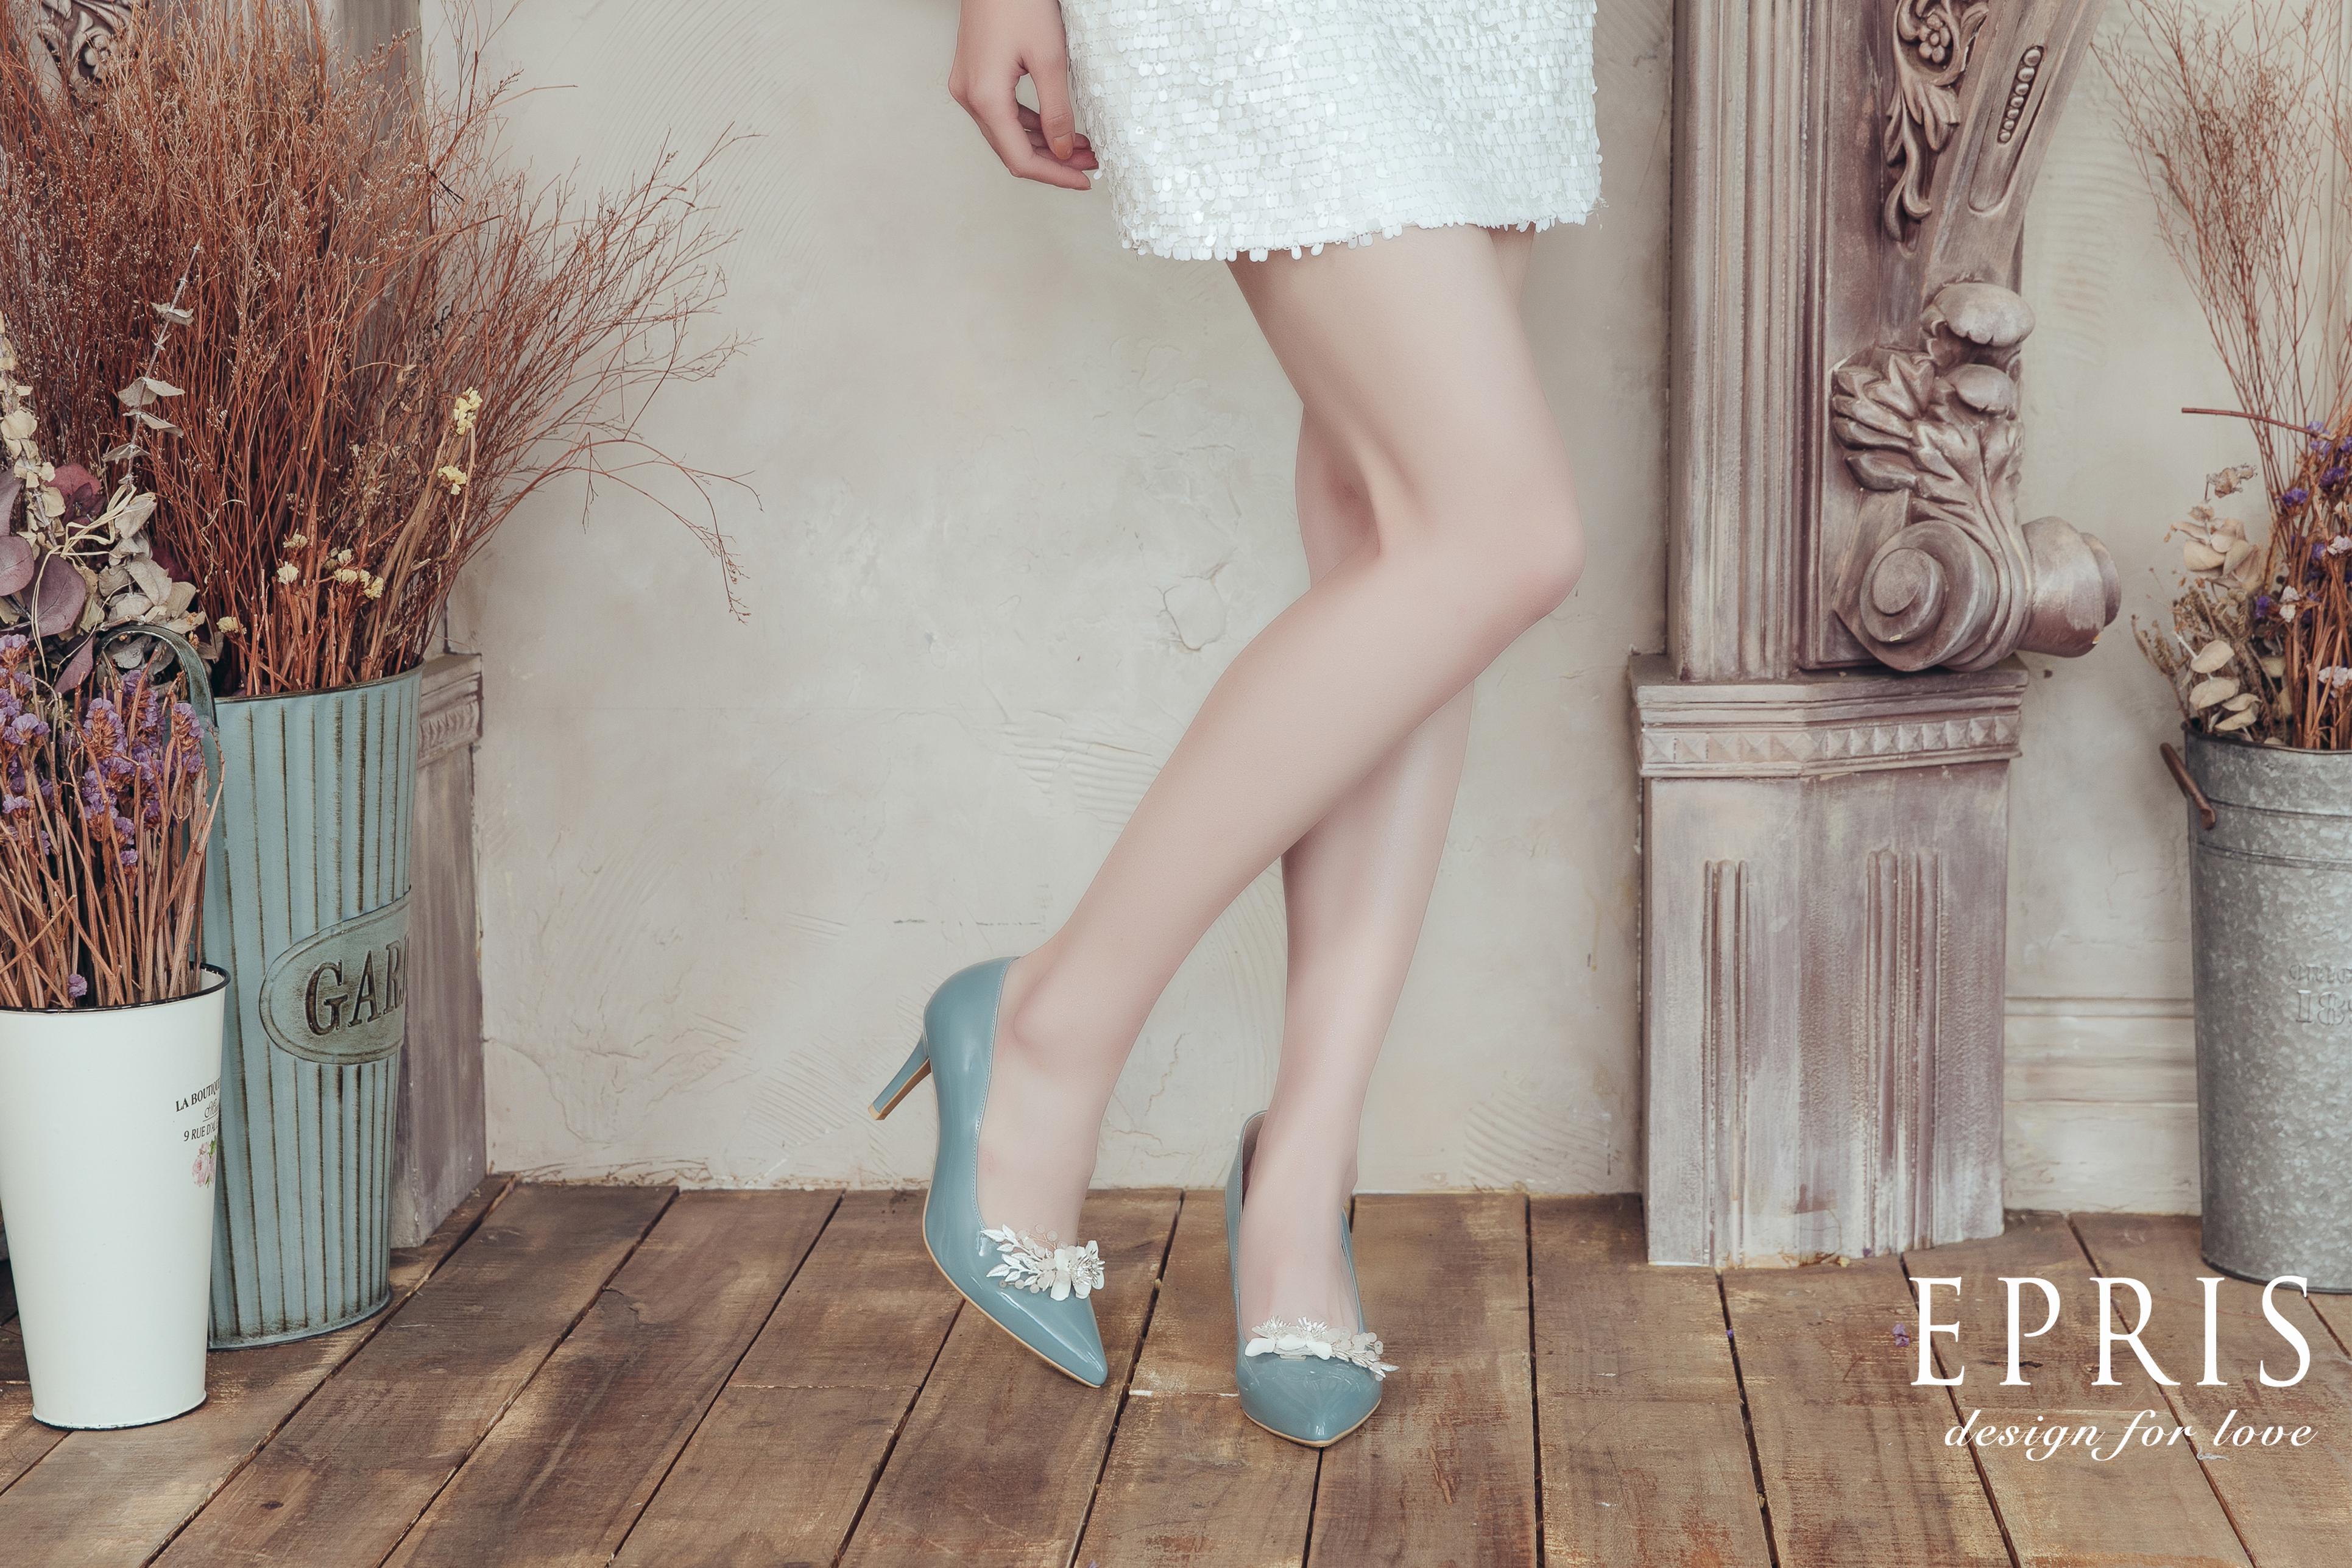 女鞋推薦 高跟鞋推薦 內增高鞋 透氣鞋 久站鞋推薦 粗跟高跟鞋 台灣鞋子品牌 台灣鞋品牌 防水台高跟鞋 超纖皮